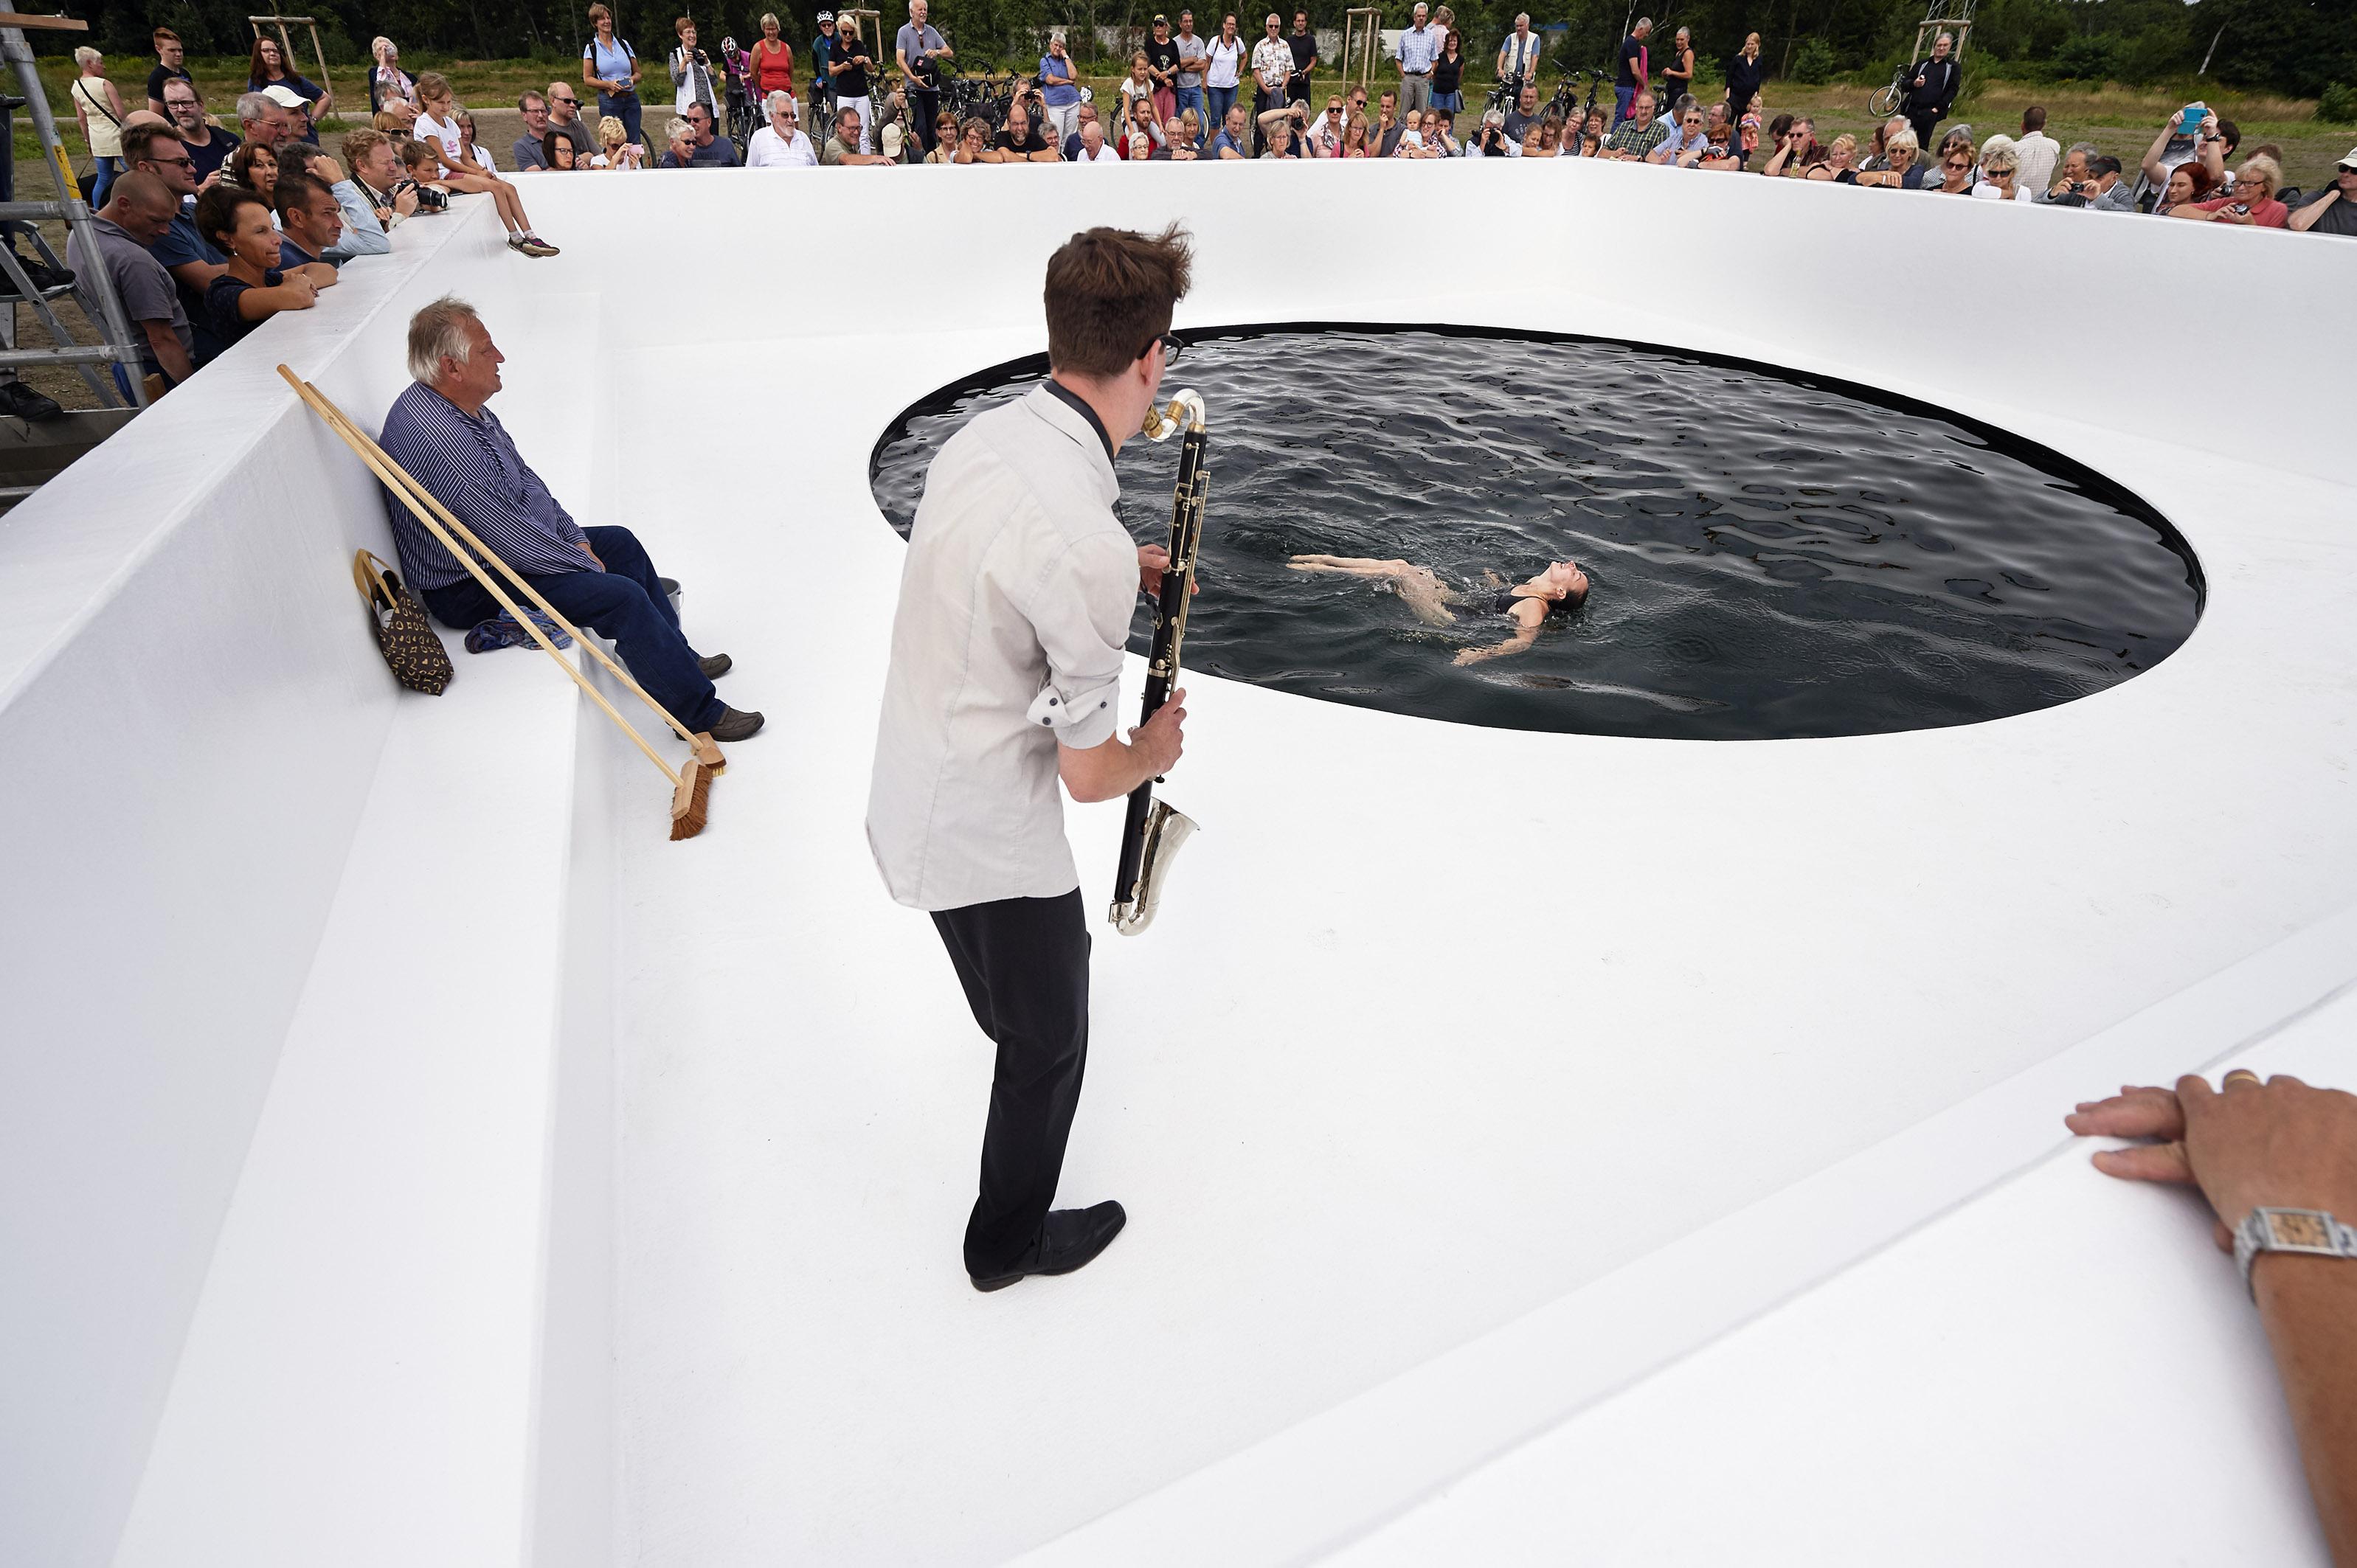 Musiker, Schwimmerin und Reiniger sind Teil des Performance-Konzeptes